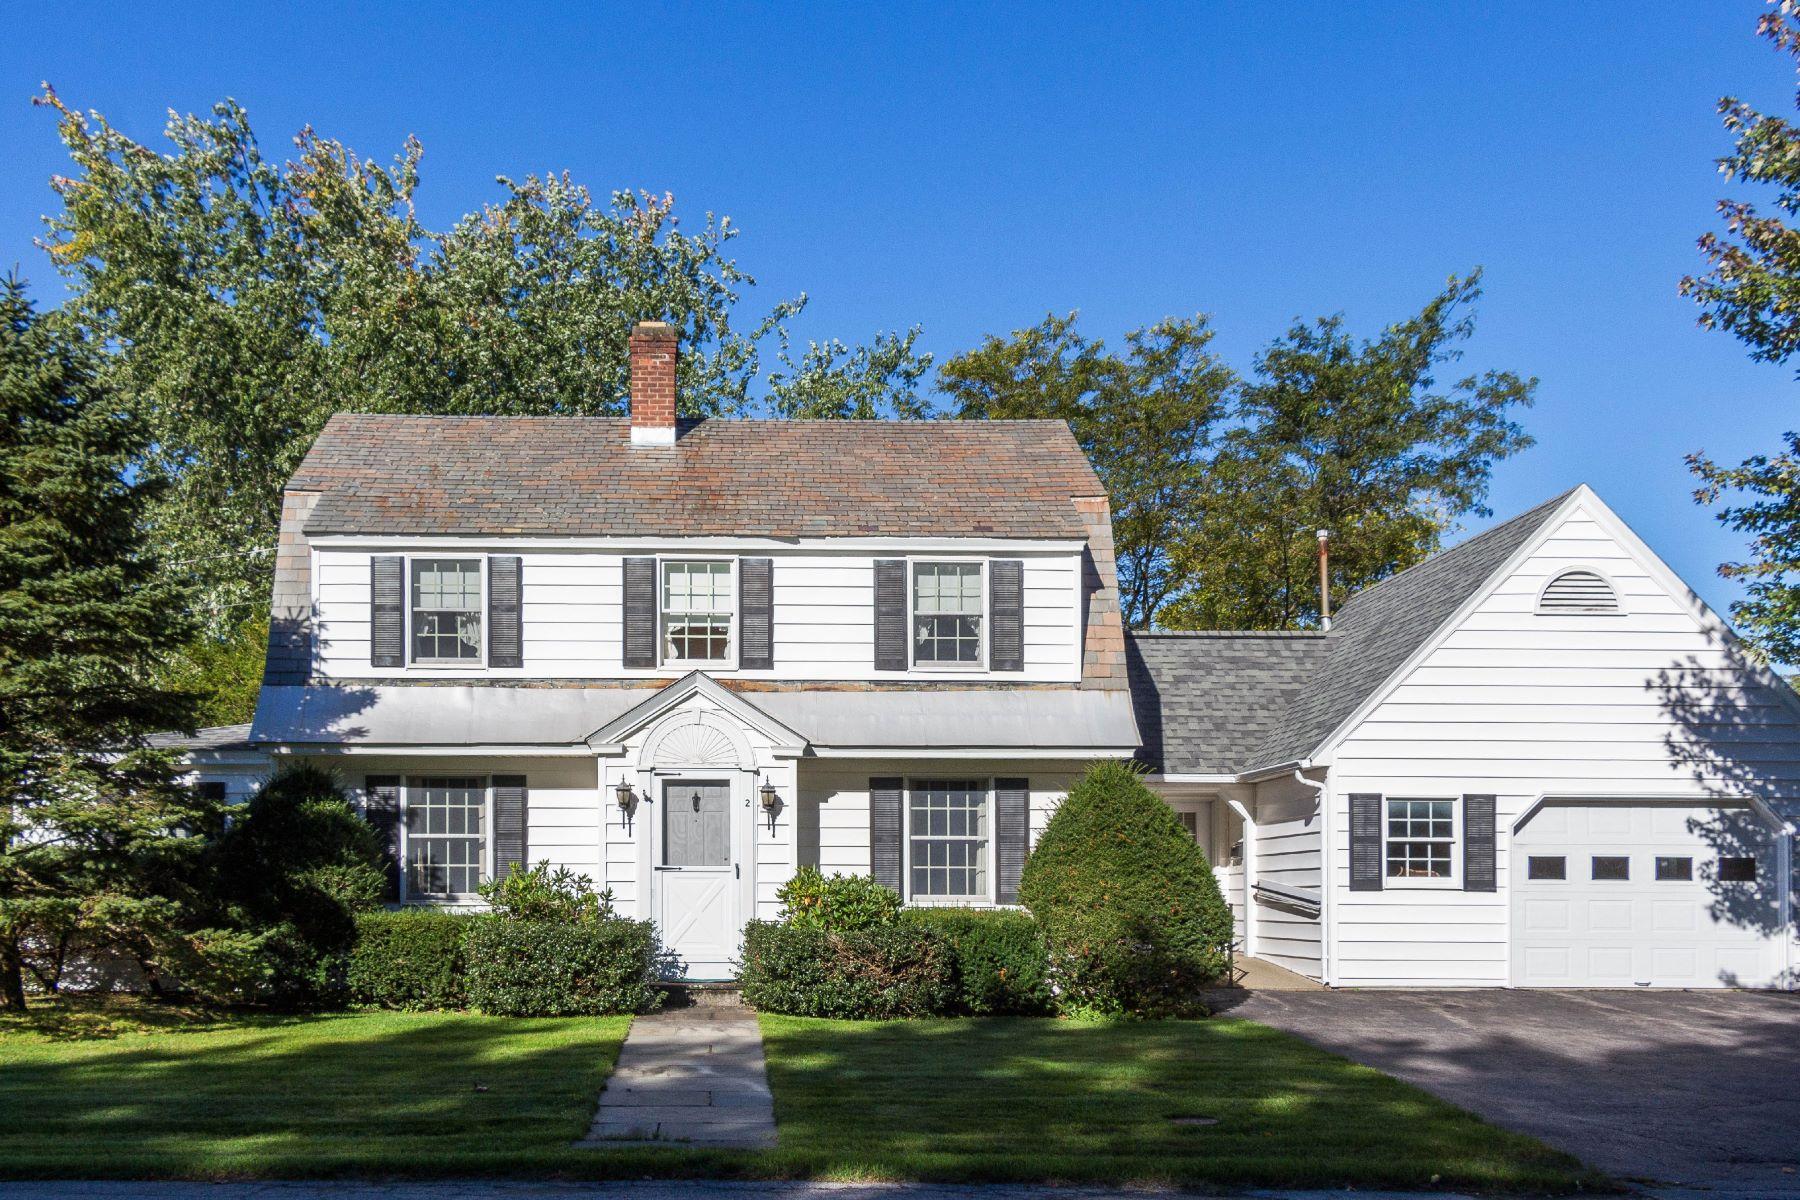 Single Family Homes för Försäljning vid Adorable Center Hall Colonial in Glens Falls 2 Potter St, Glens Falls, New York 12801 Förenta staterna